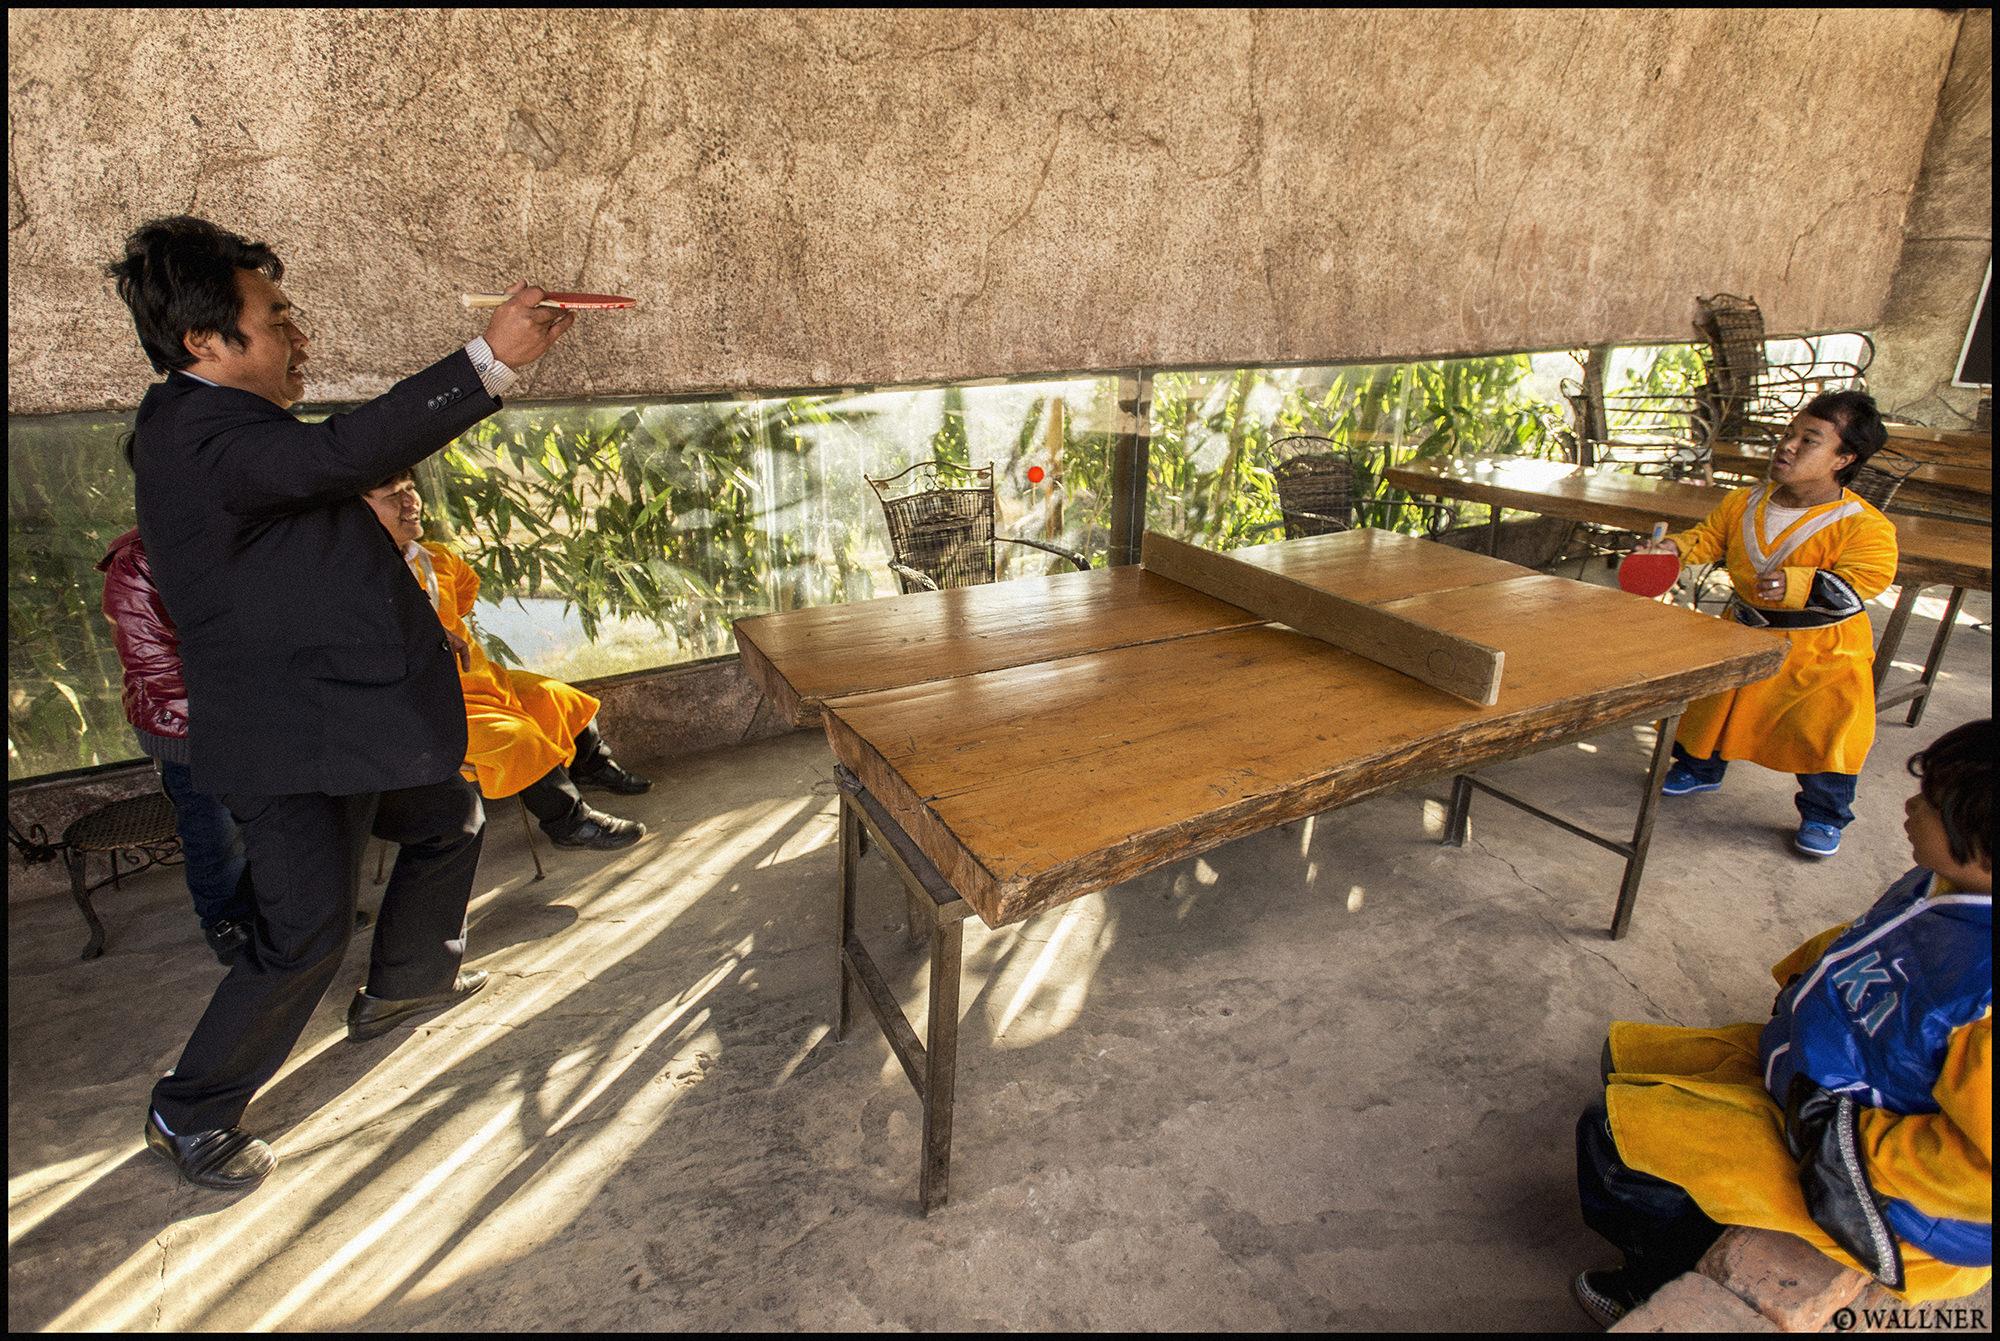 Digital Patrik Wallner Kunming Ping Pong LOWQ 2000P w WM